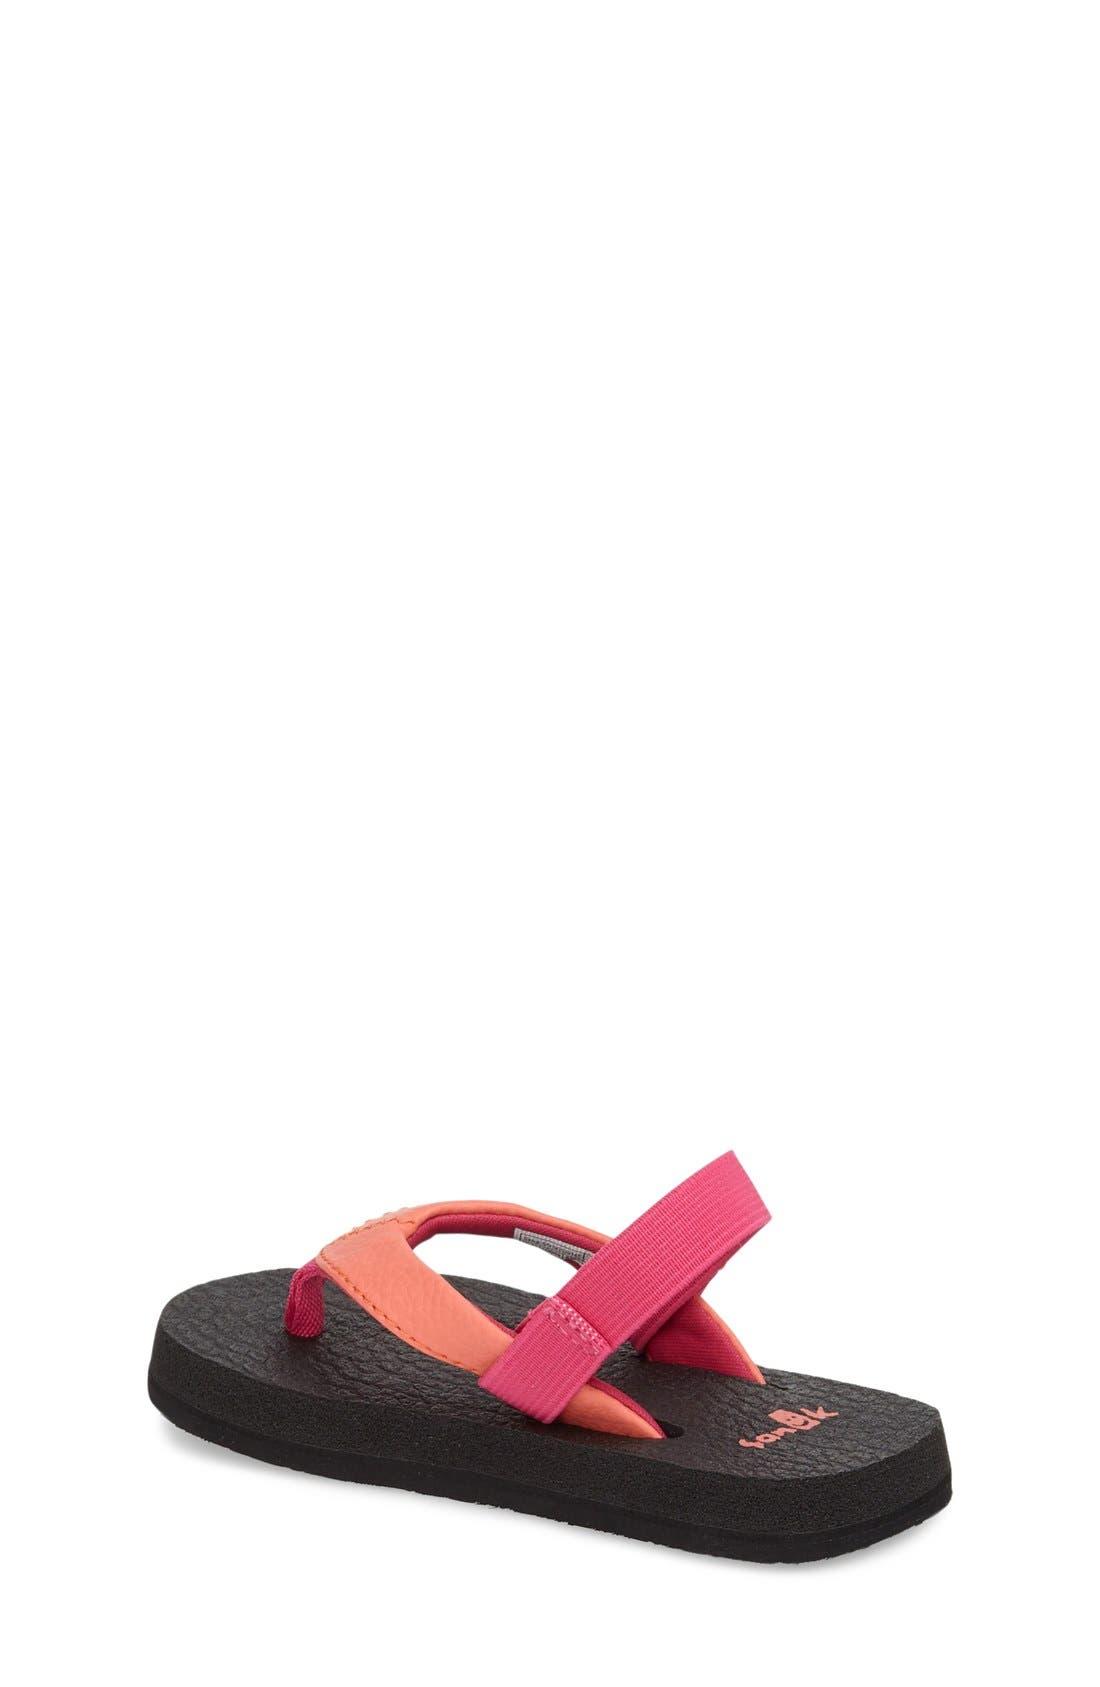 Alternate Image 2  - Sanuk 'Yoga Mat' Sandal (Toddler, Little Kid & Big Kid)